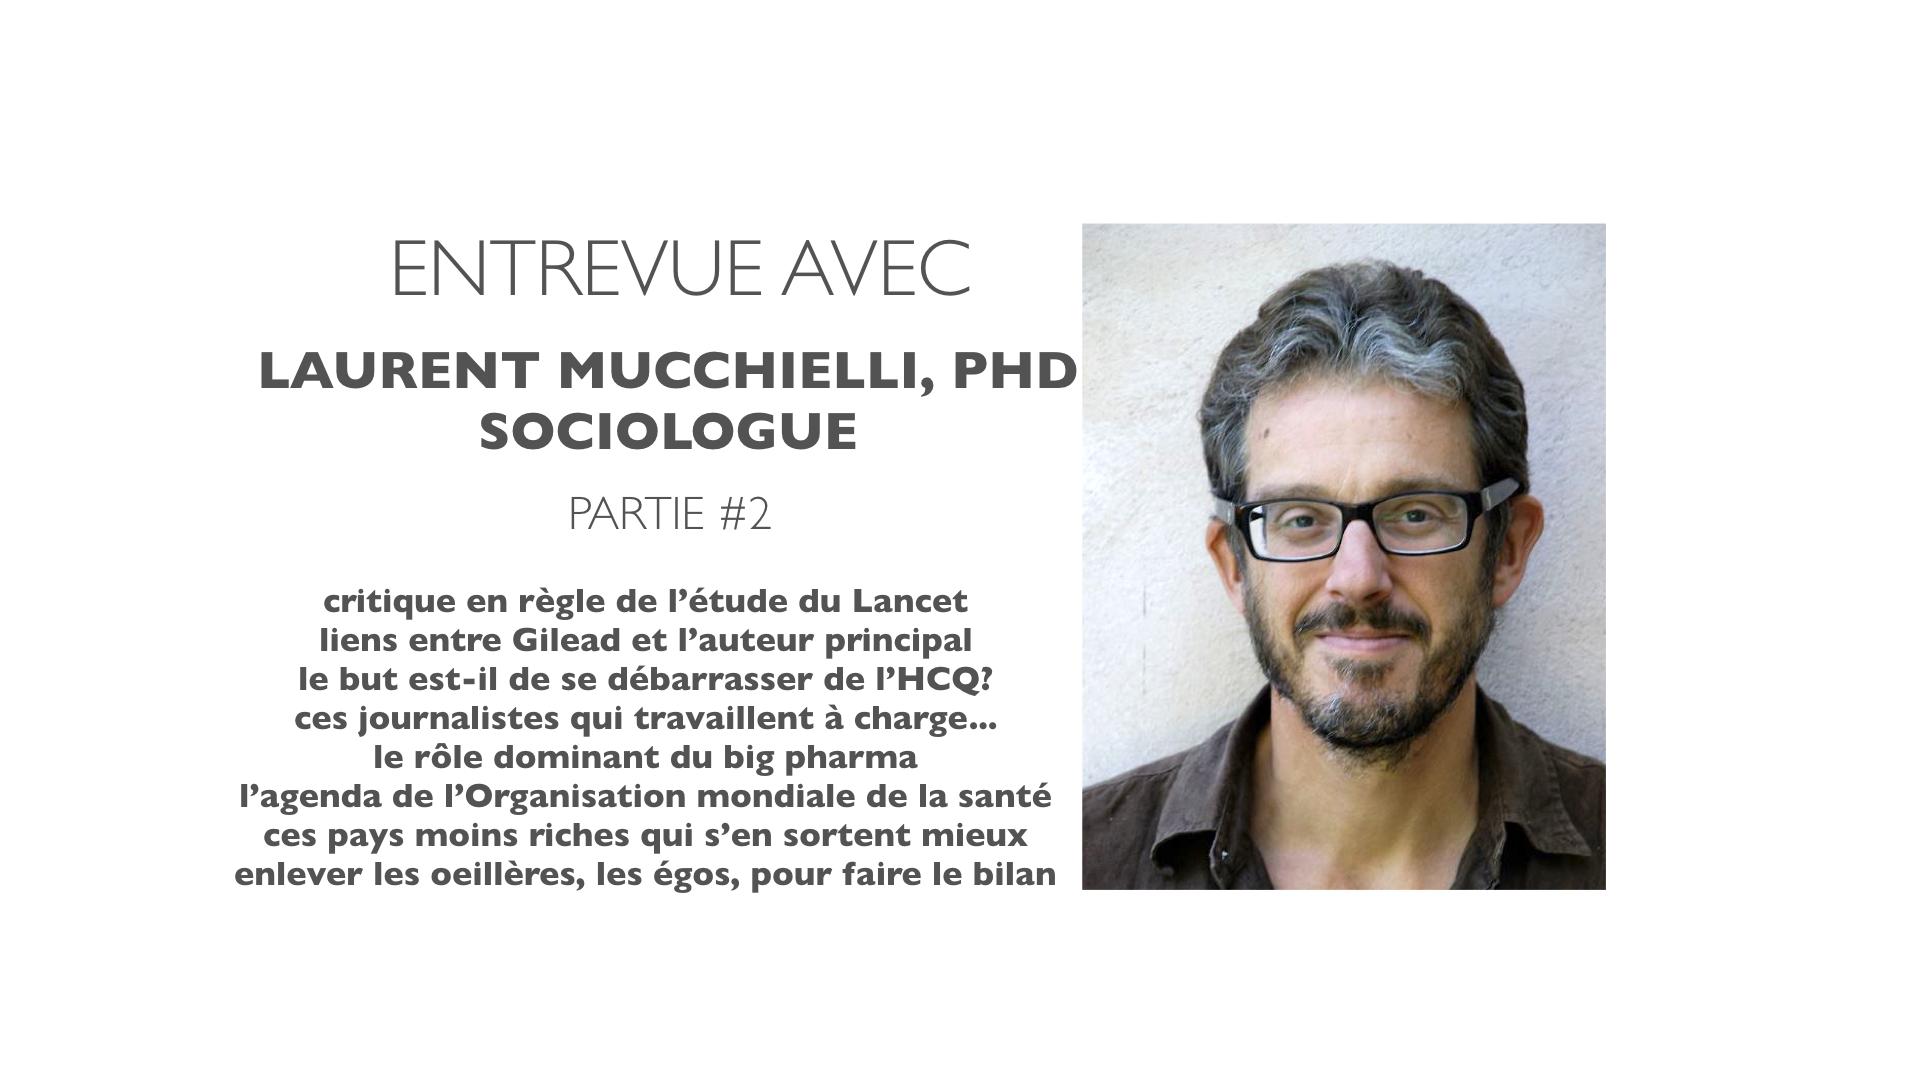 La France et l'Hydroxychloroquine – Entrevue avec Laurent Mucchielli, PhD – Partie 2